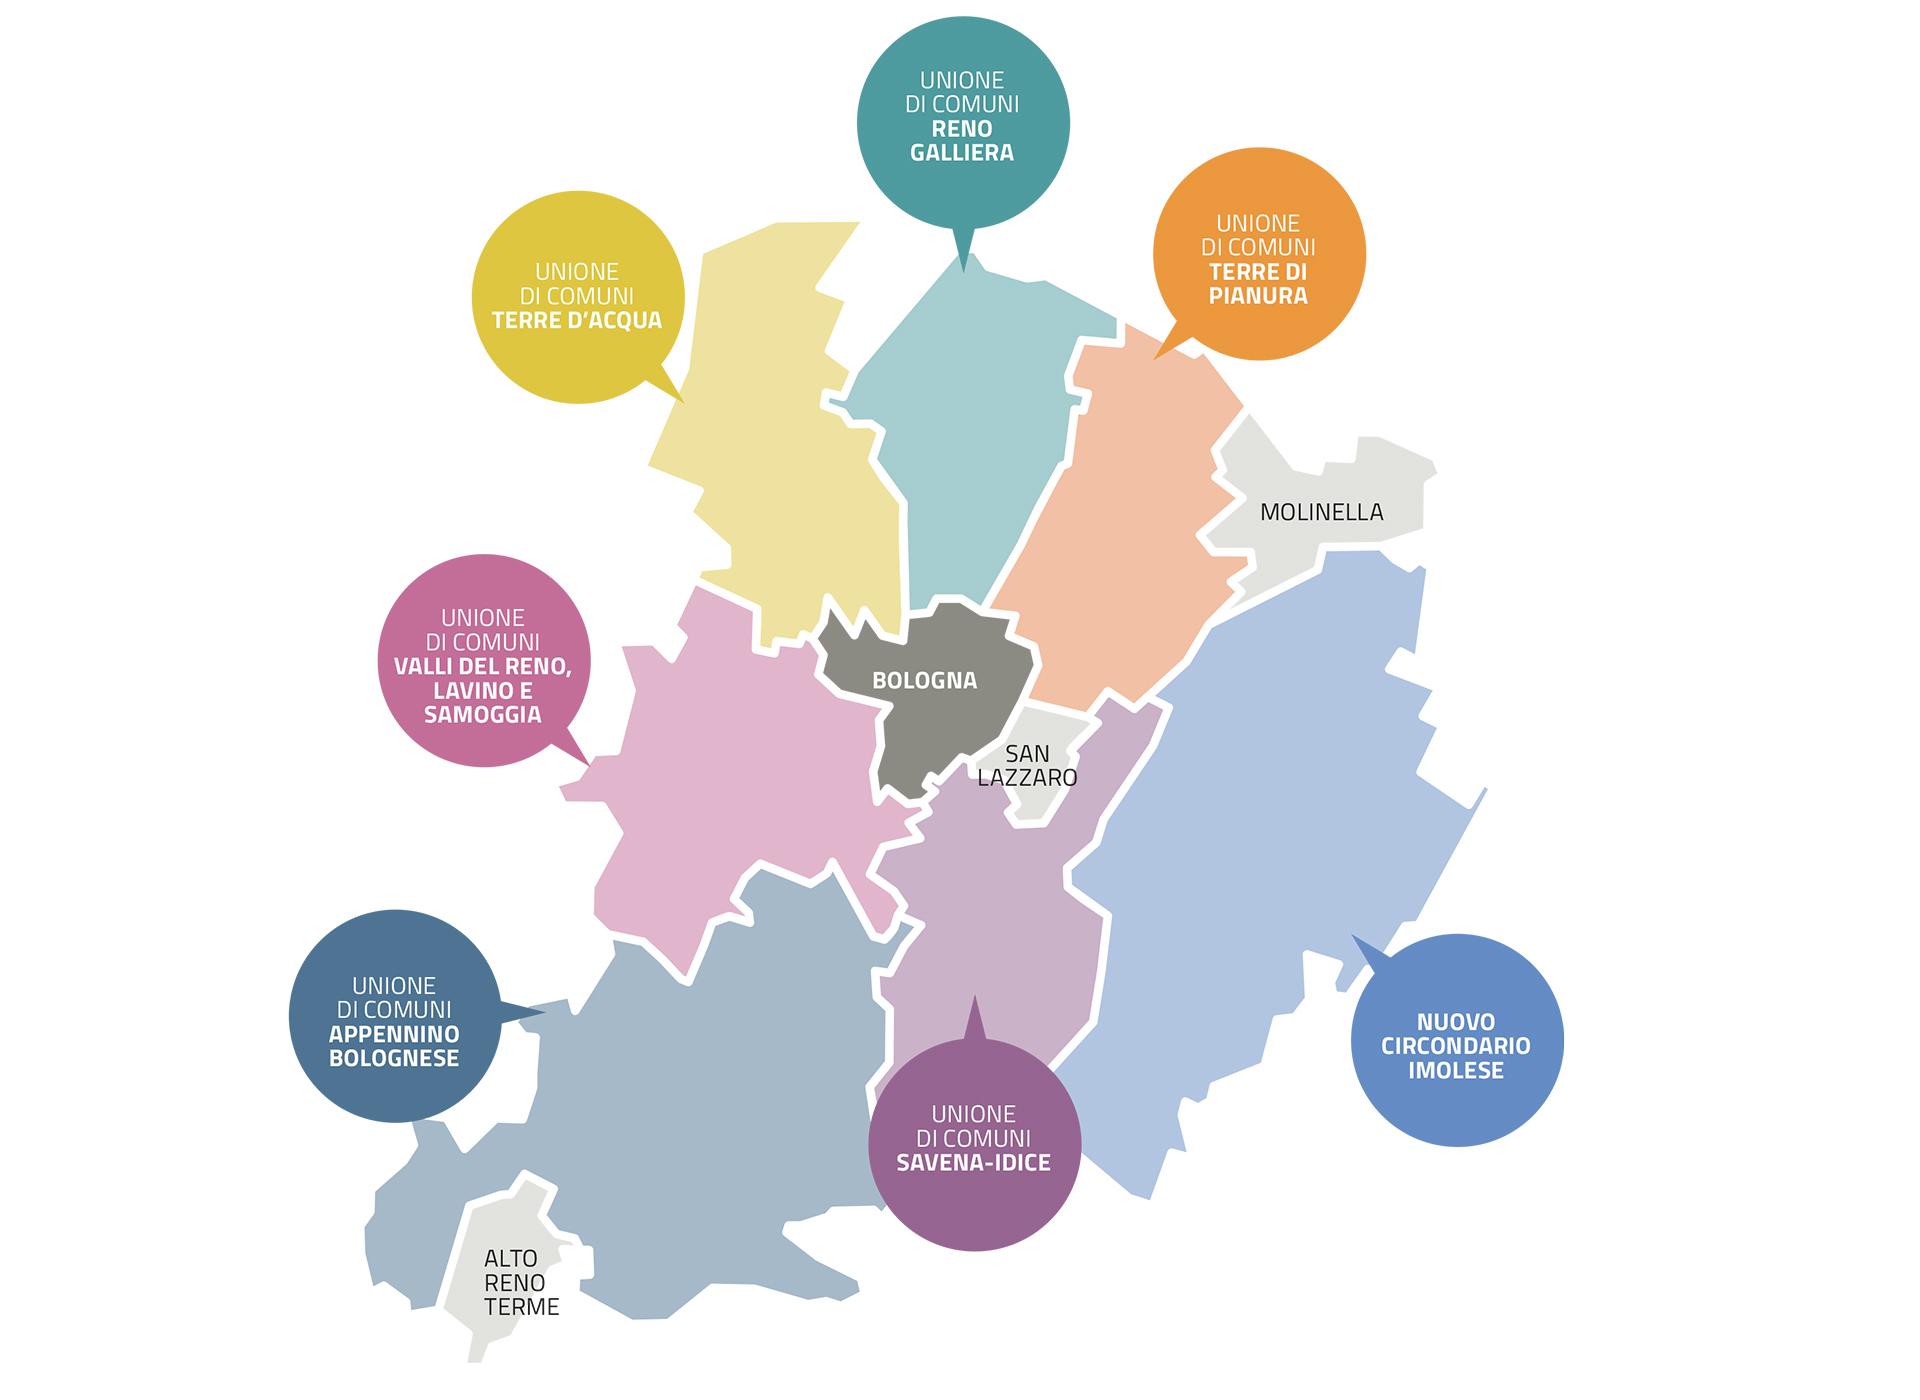 Piano Strategico, Piano per la Mobilità Sostenibile, Carta di Bologna